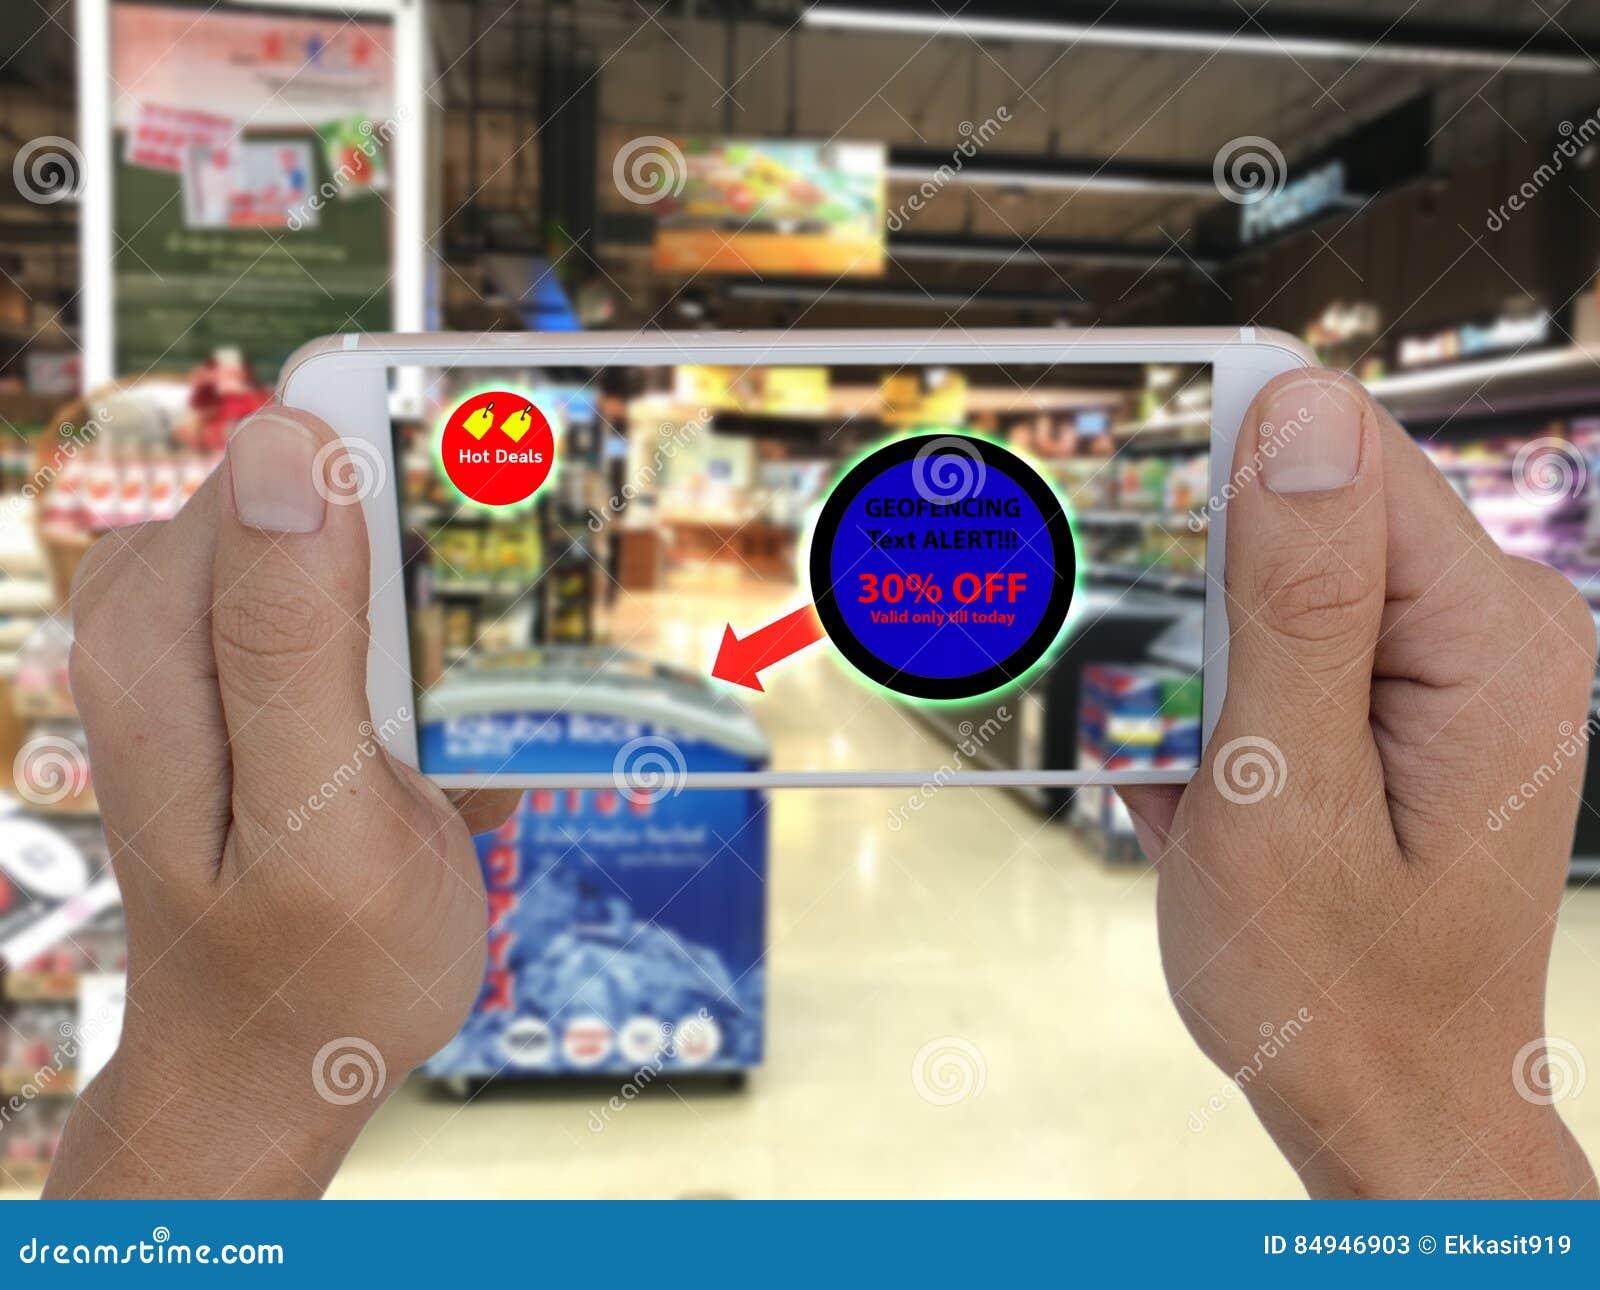 Internet de las cosas que comercializan el concpet, el uso de la tienda geofencing para mandar un SMS al mensaje al cliente para